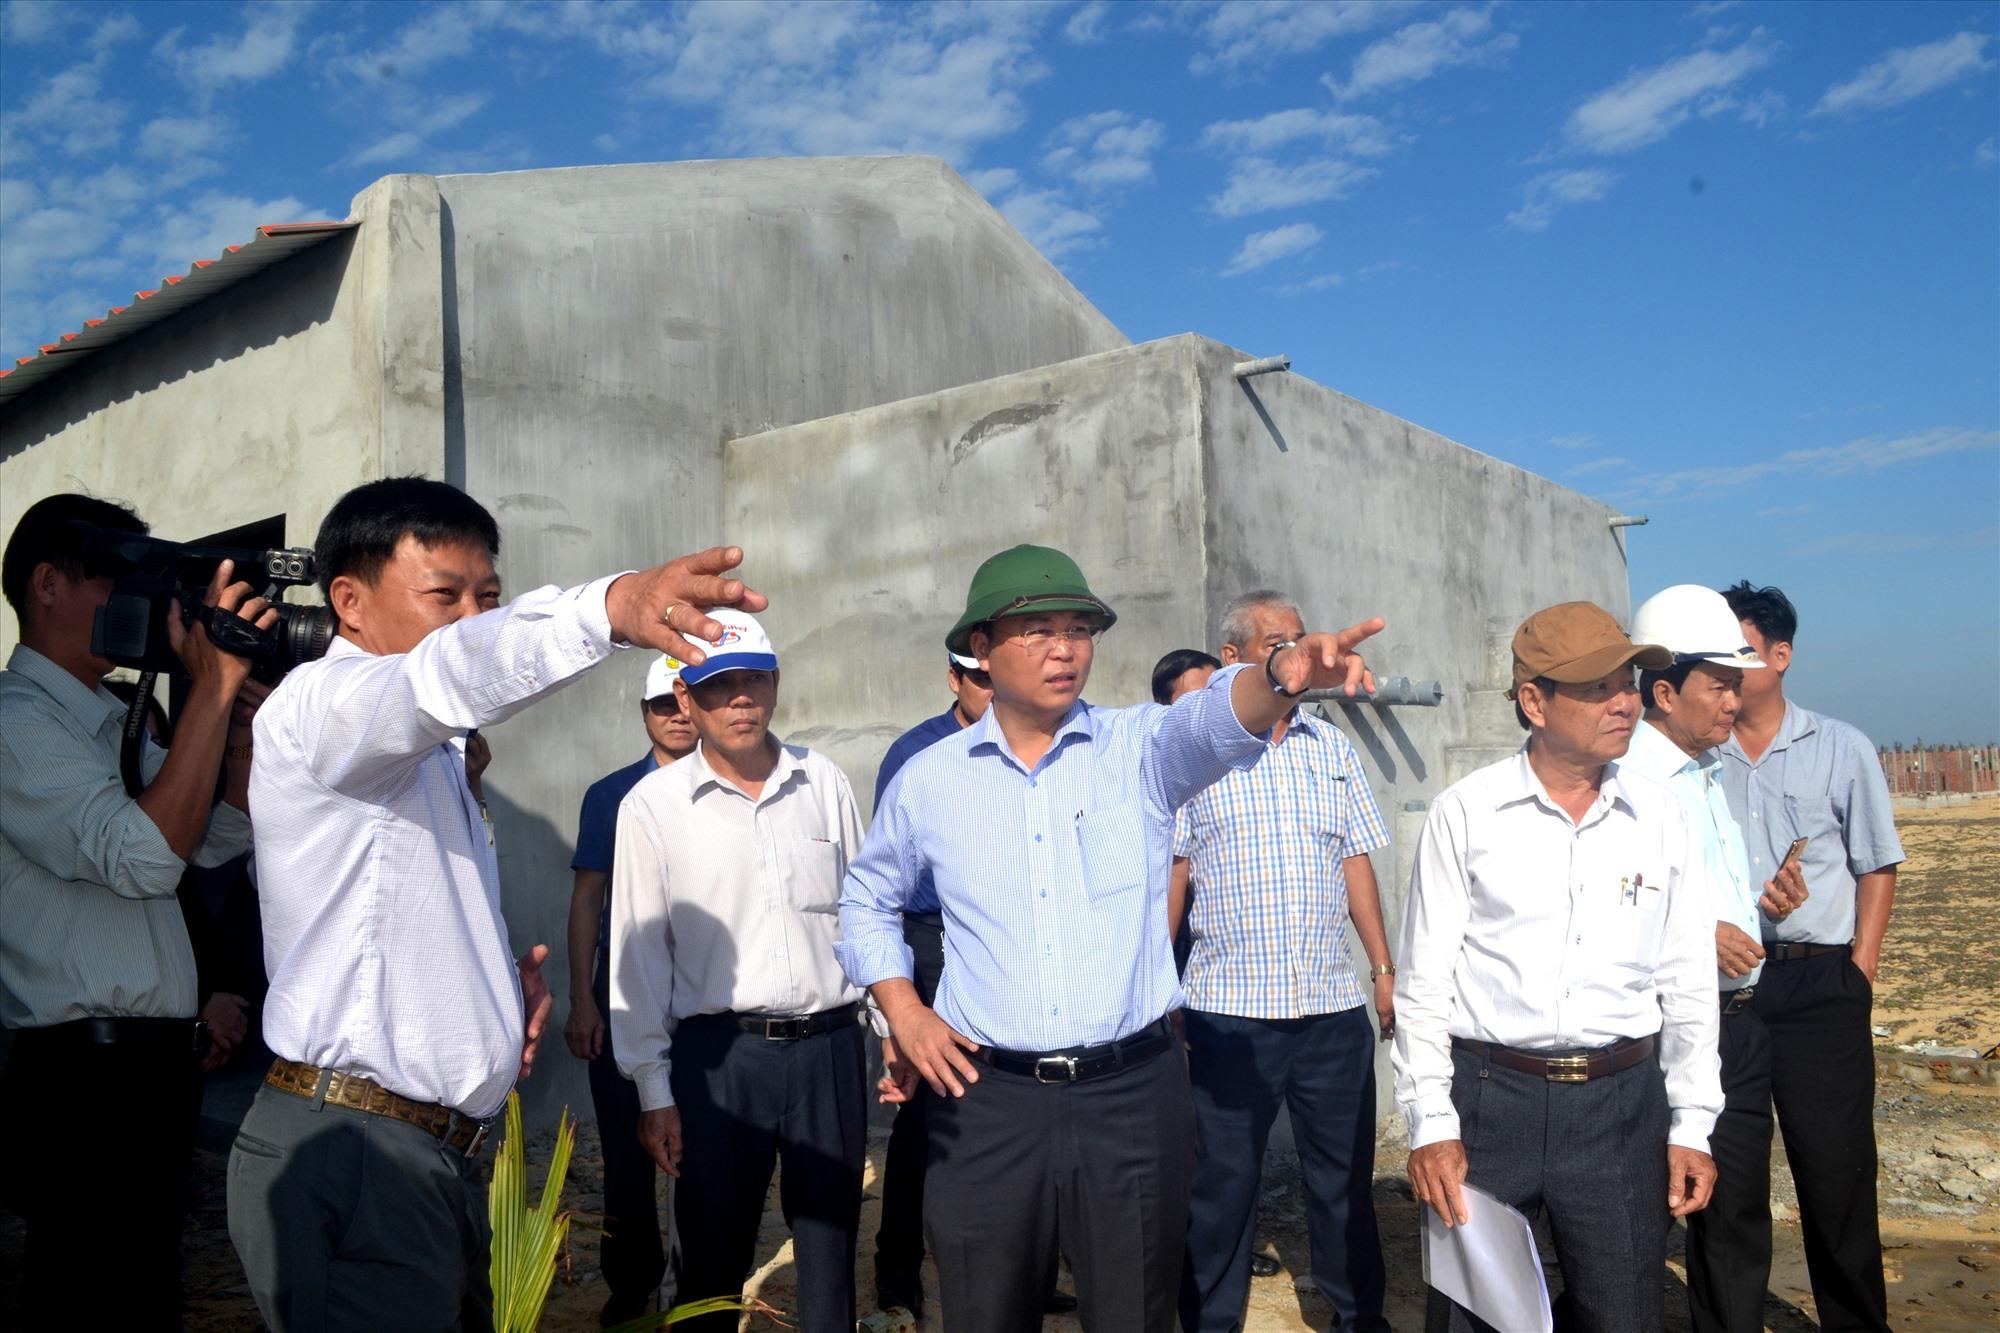 Chủ tịch UBND tỉnh Lê Trí Thanh và đoàn công tác của UBND tỉnh kiểm tra tiến độ đầu tư sản xuất tôm giống vào năm 2020. Ảnh: VIỆT NGUYỄN